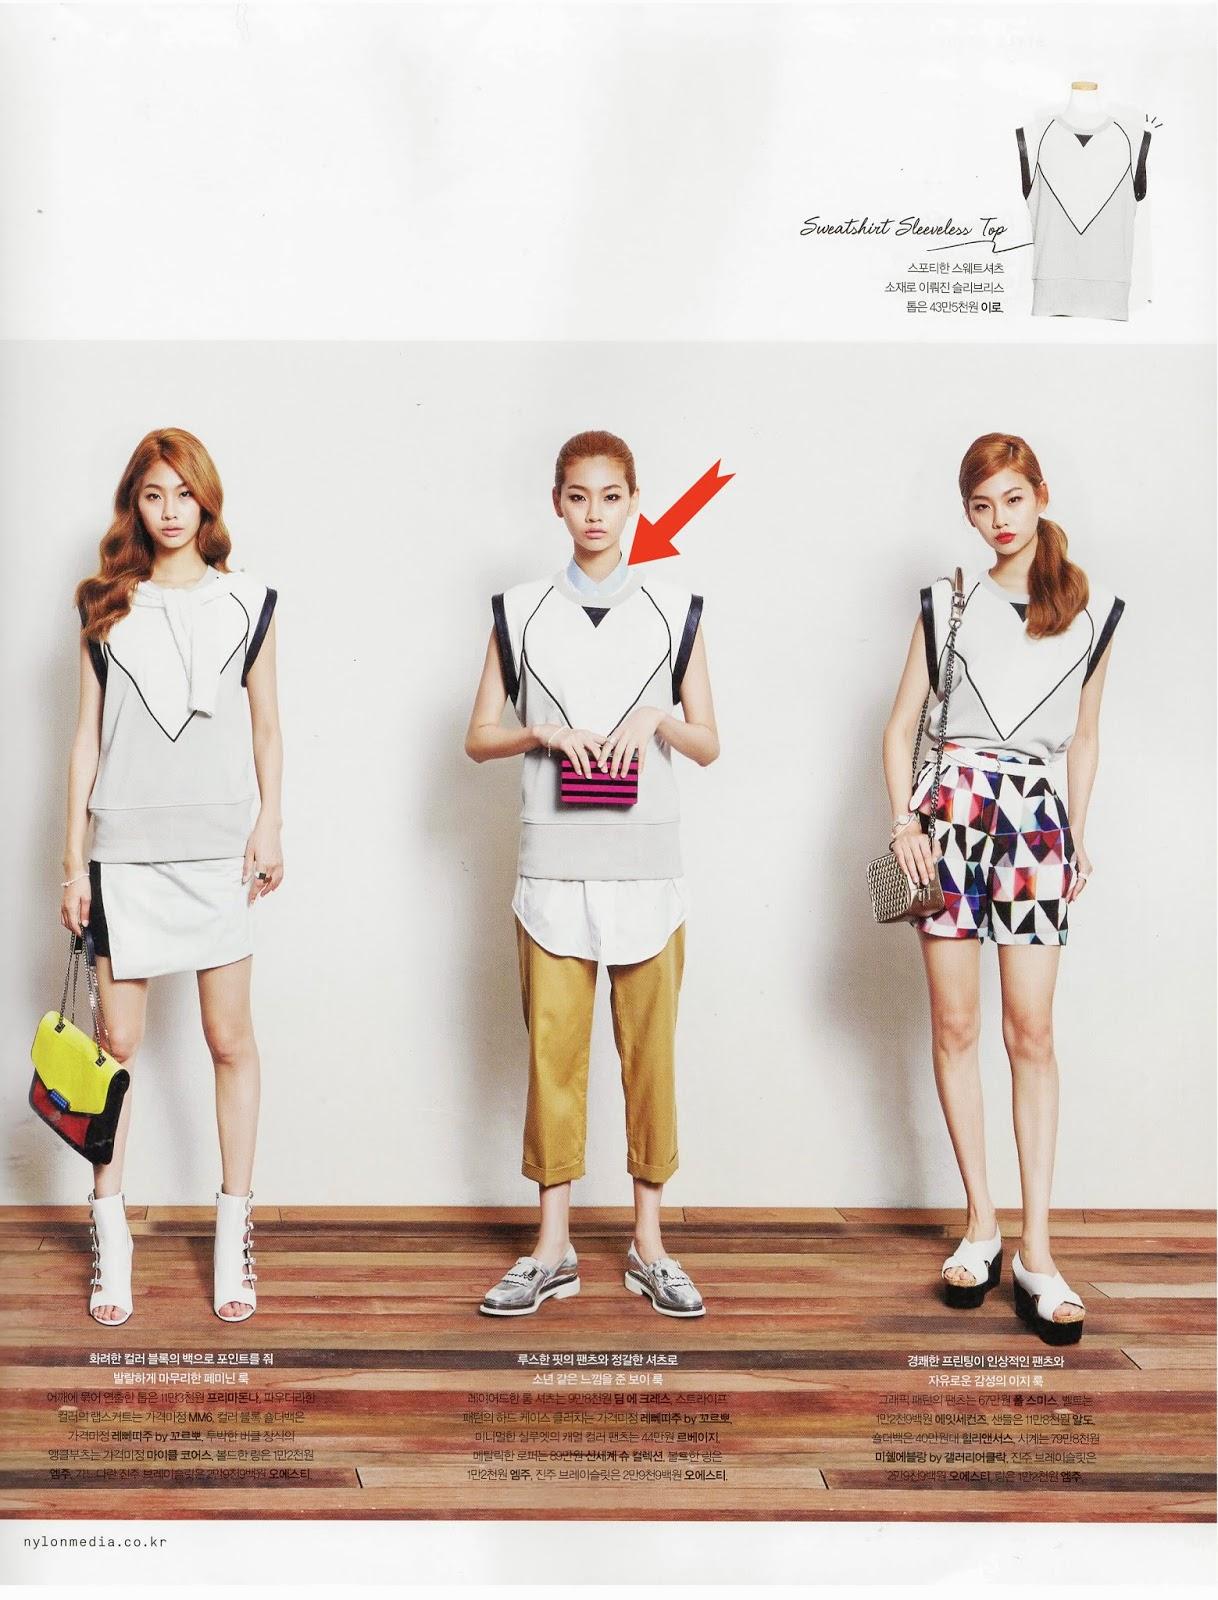 Fashion Magazine Nylon Korea For